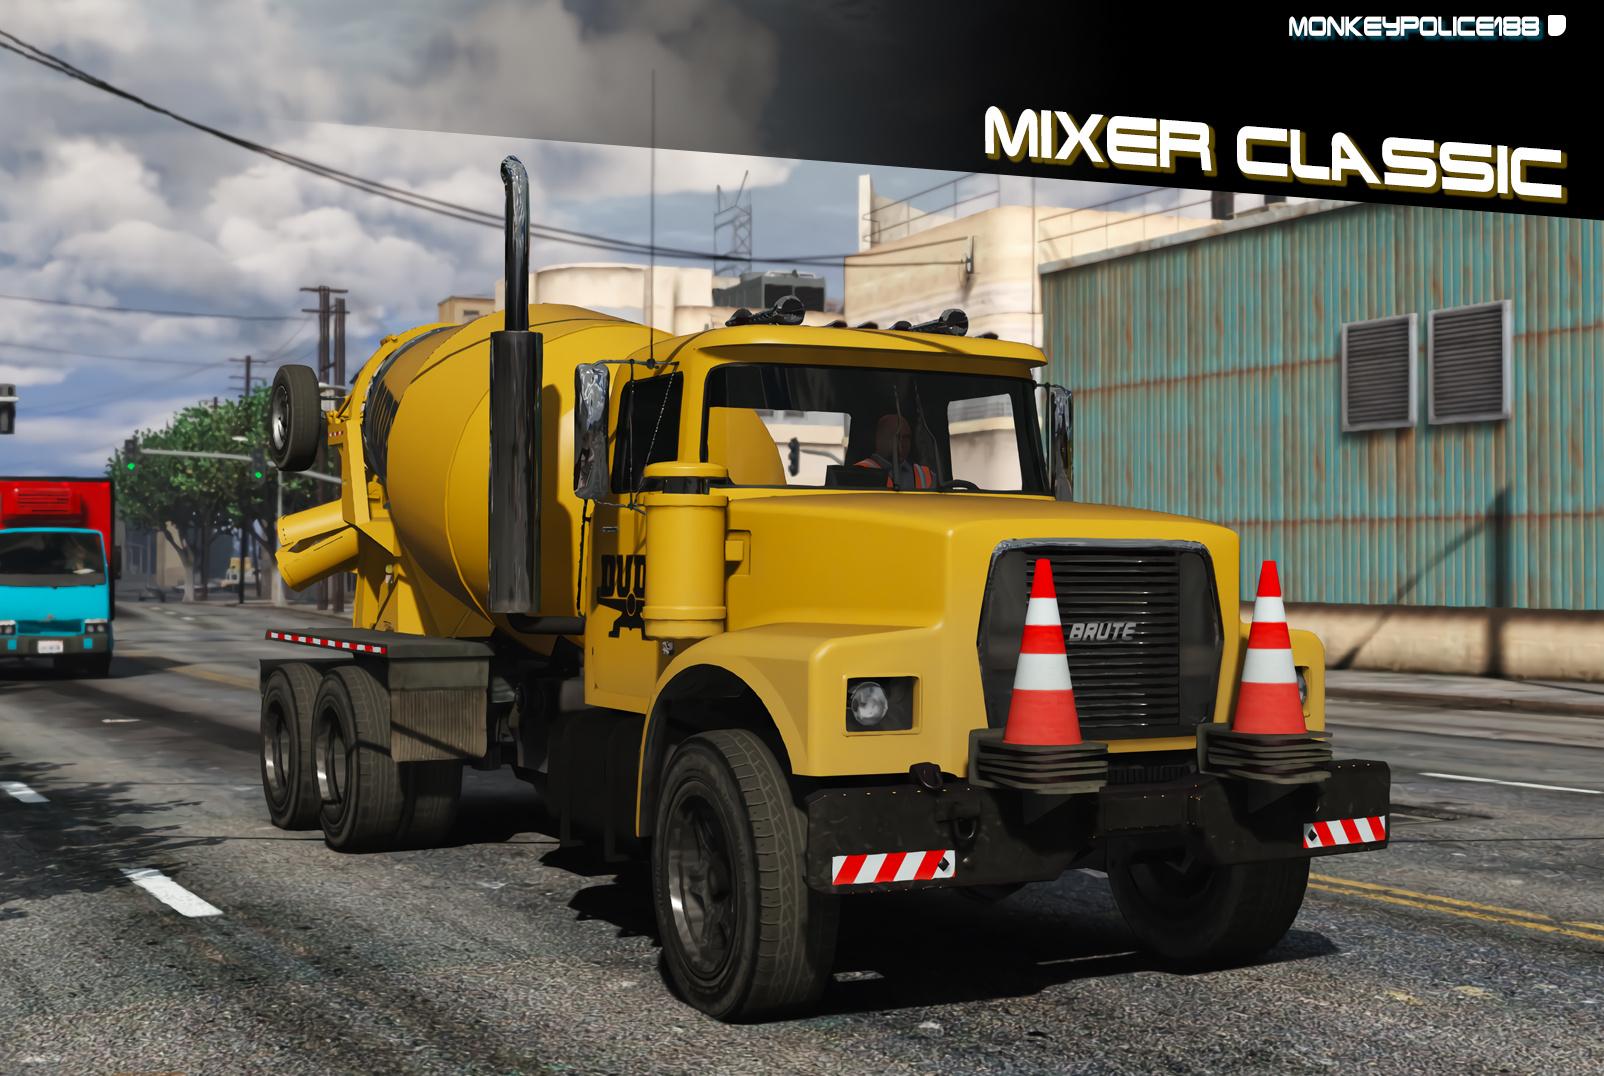 d71722-Mixer%20Classic.jpg